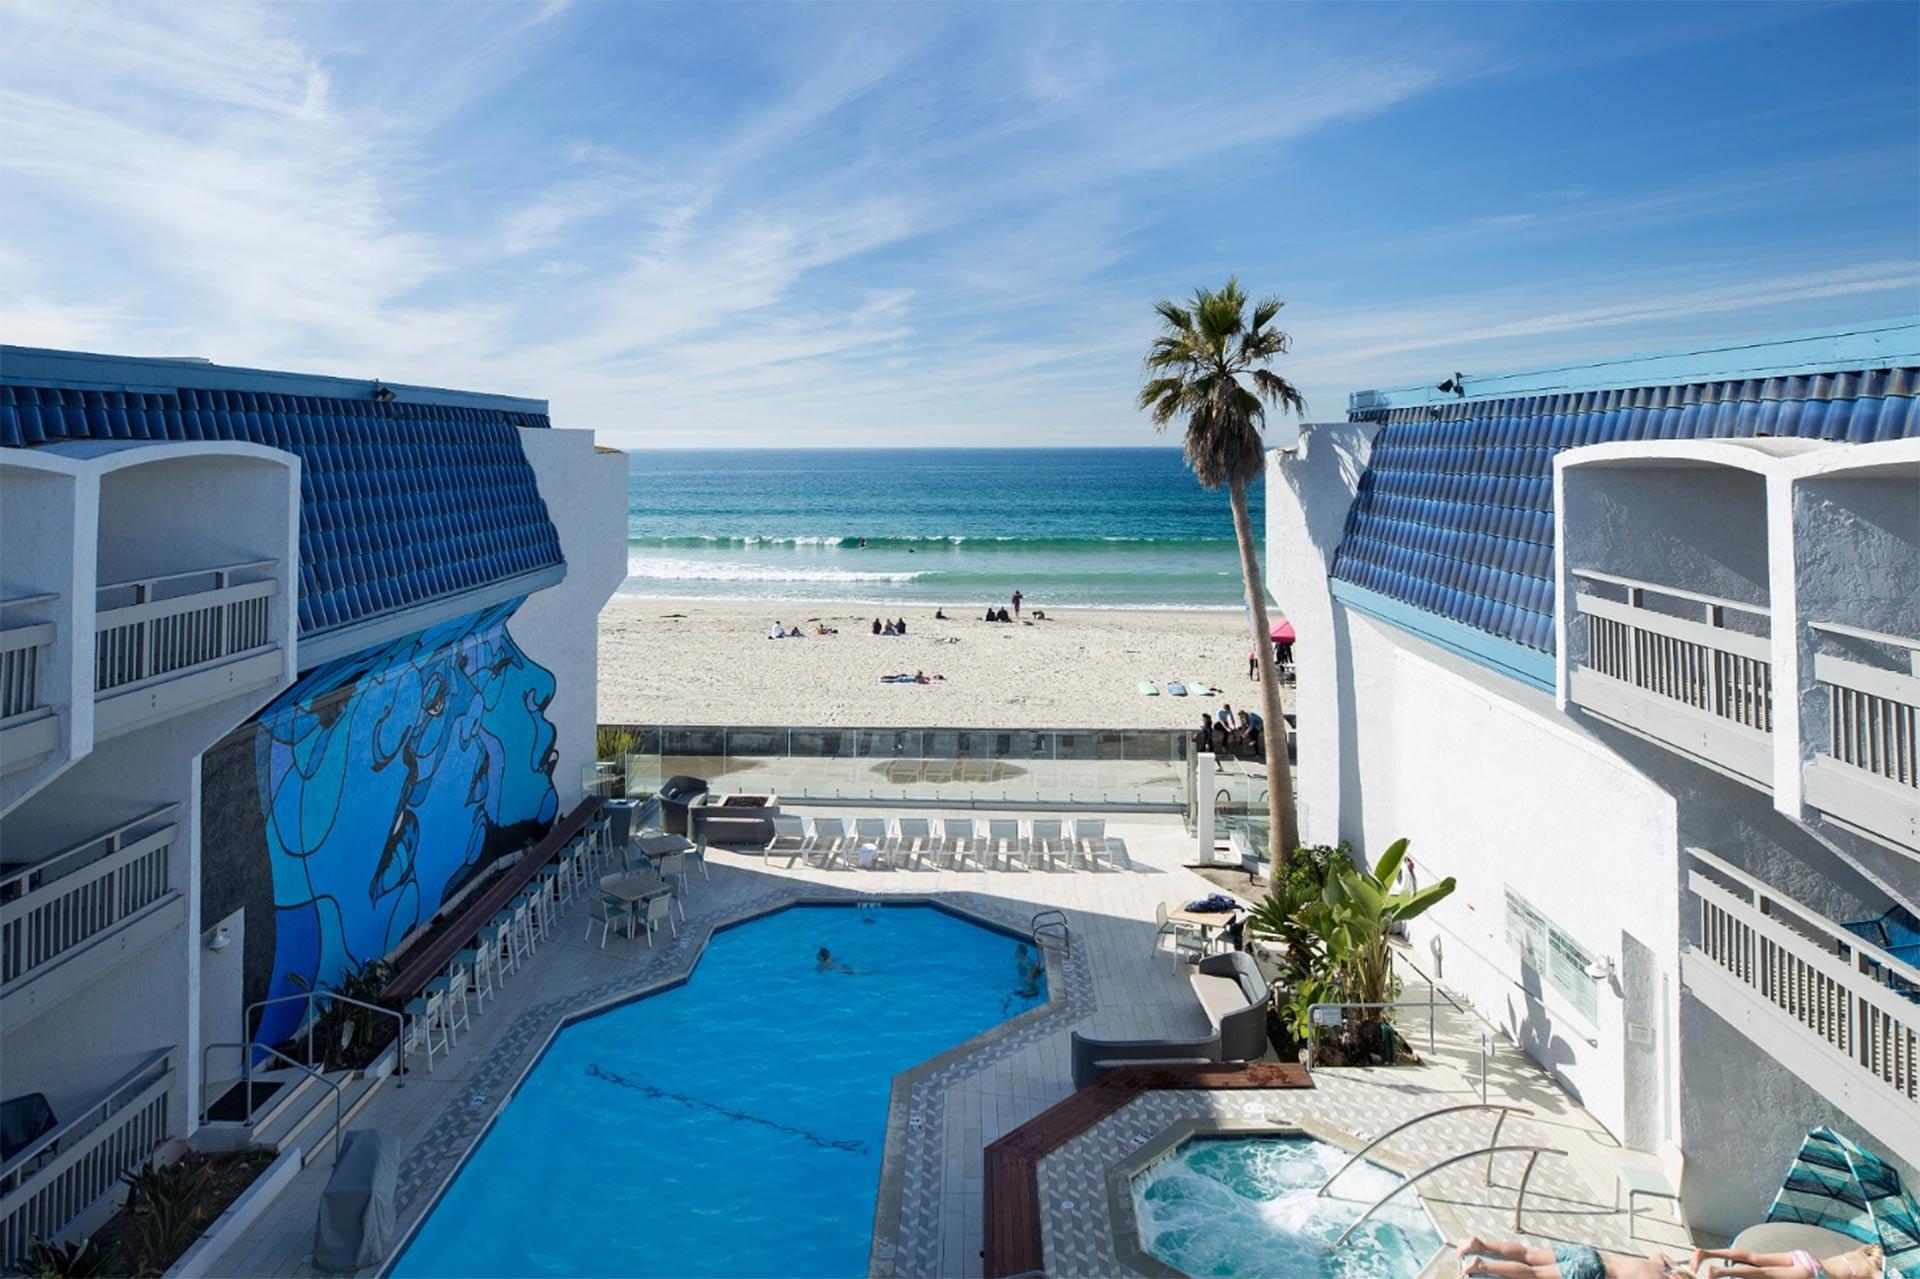 Blue Sea Beach Hotel, San Diego, California